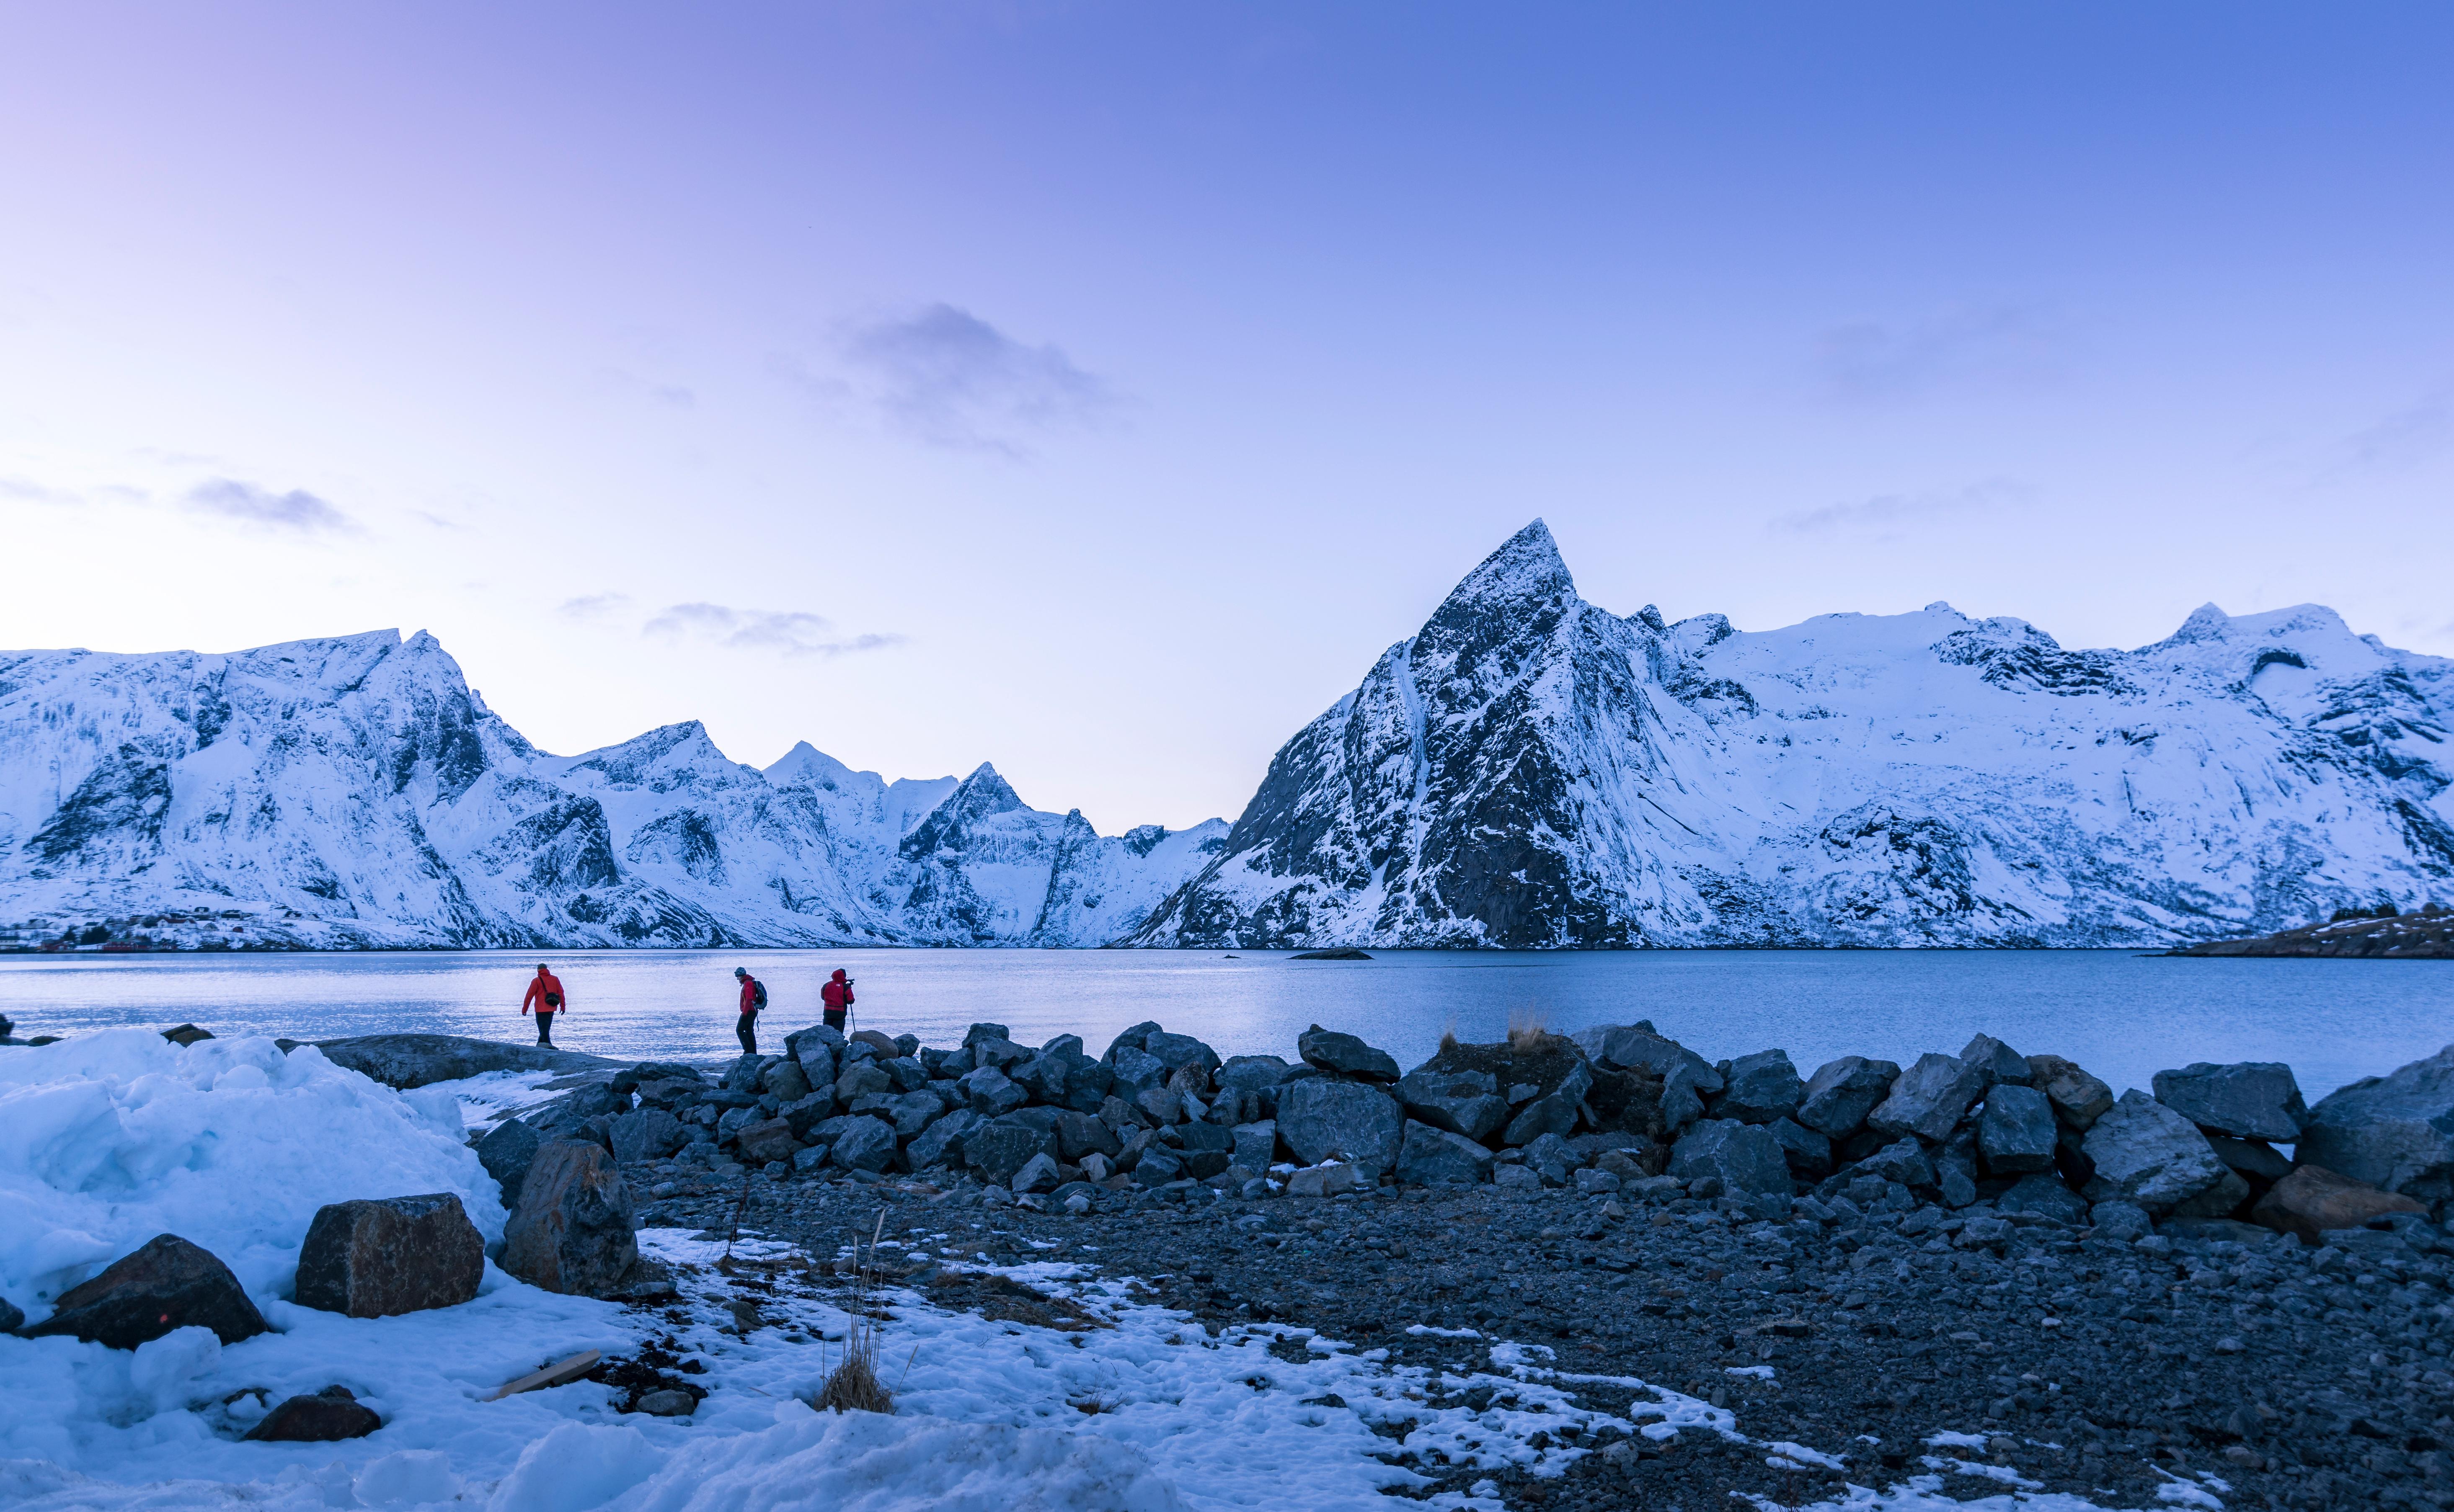 Norway-winter-colors-zonderwatermerk-1